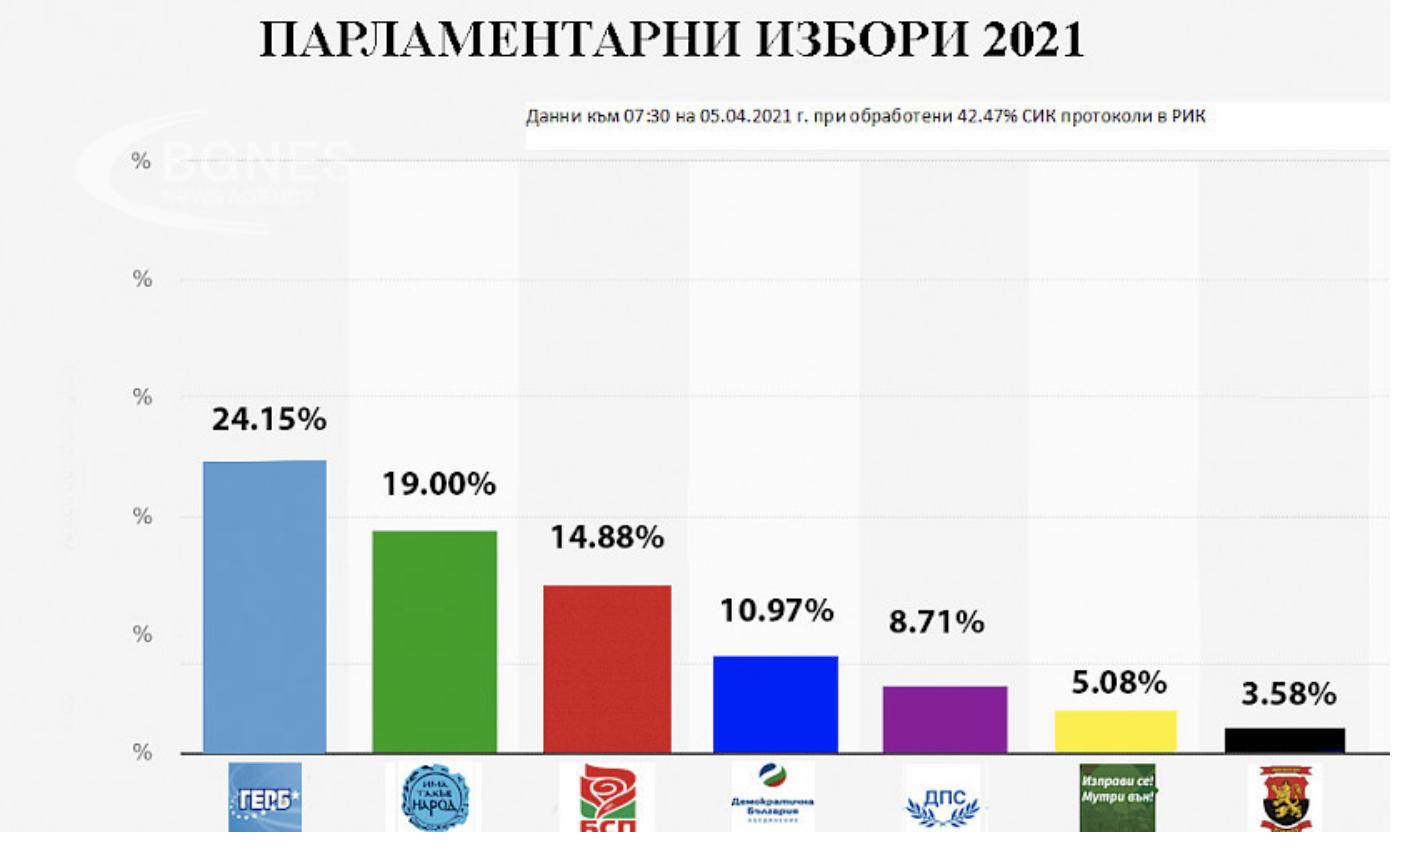 Bugarska: Prema rezultatima  prebrojanih 42,47% glasova, šest stranaka ulazi u Parlament